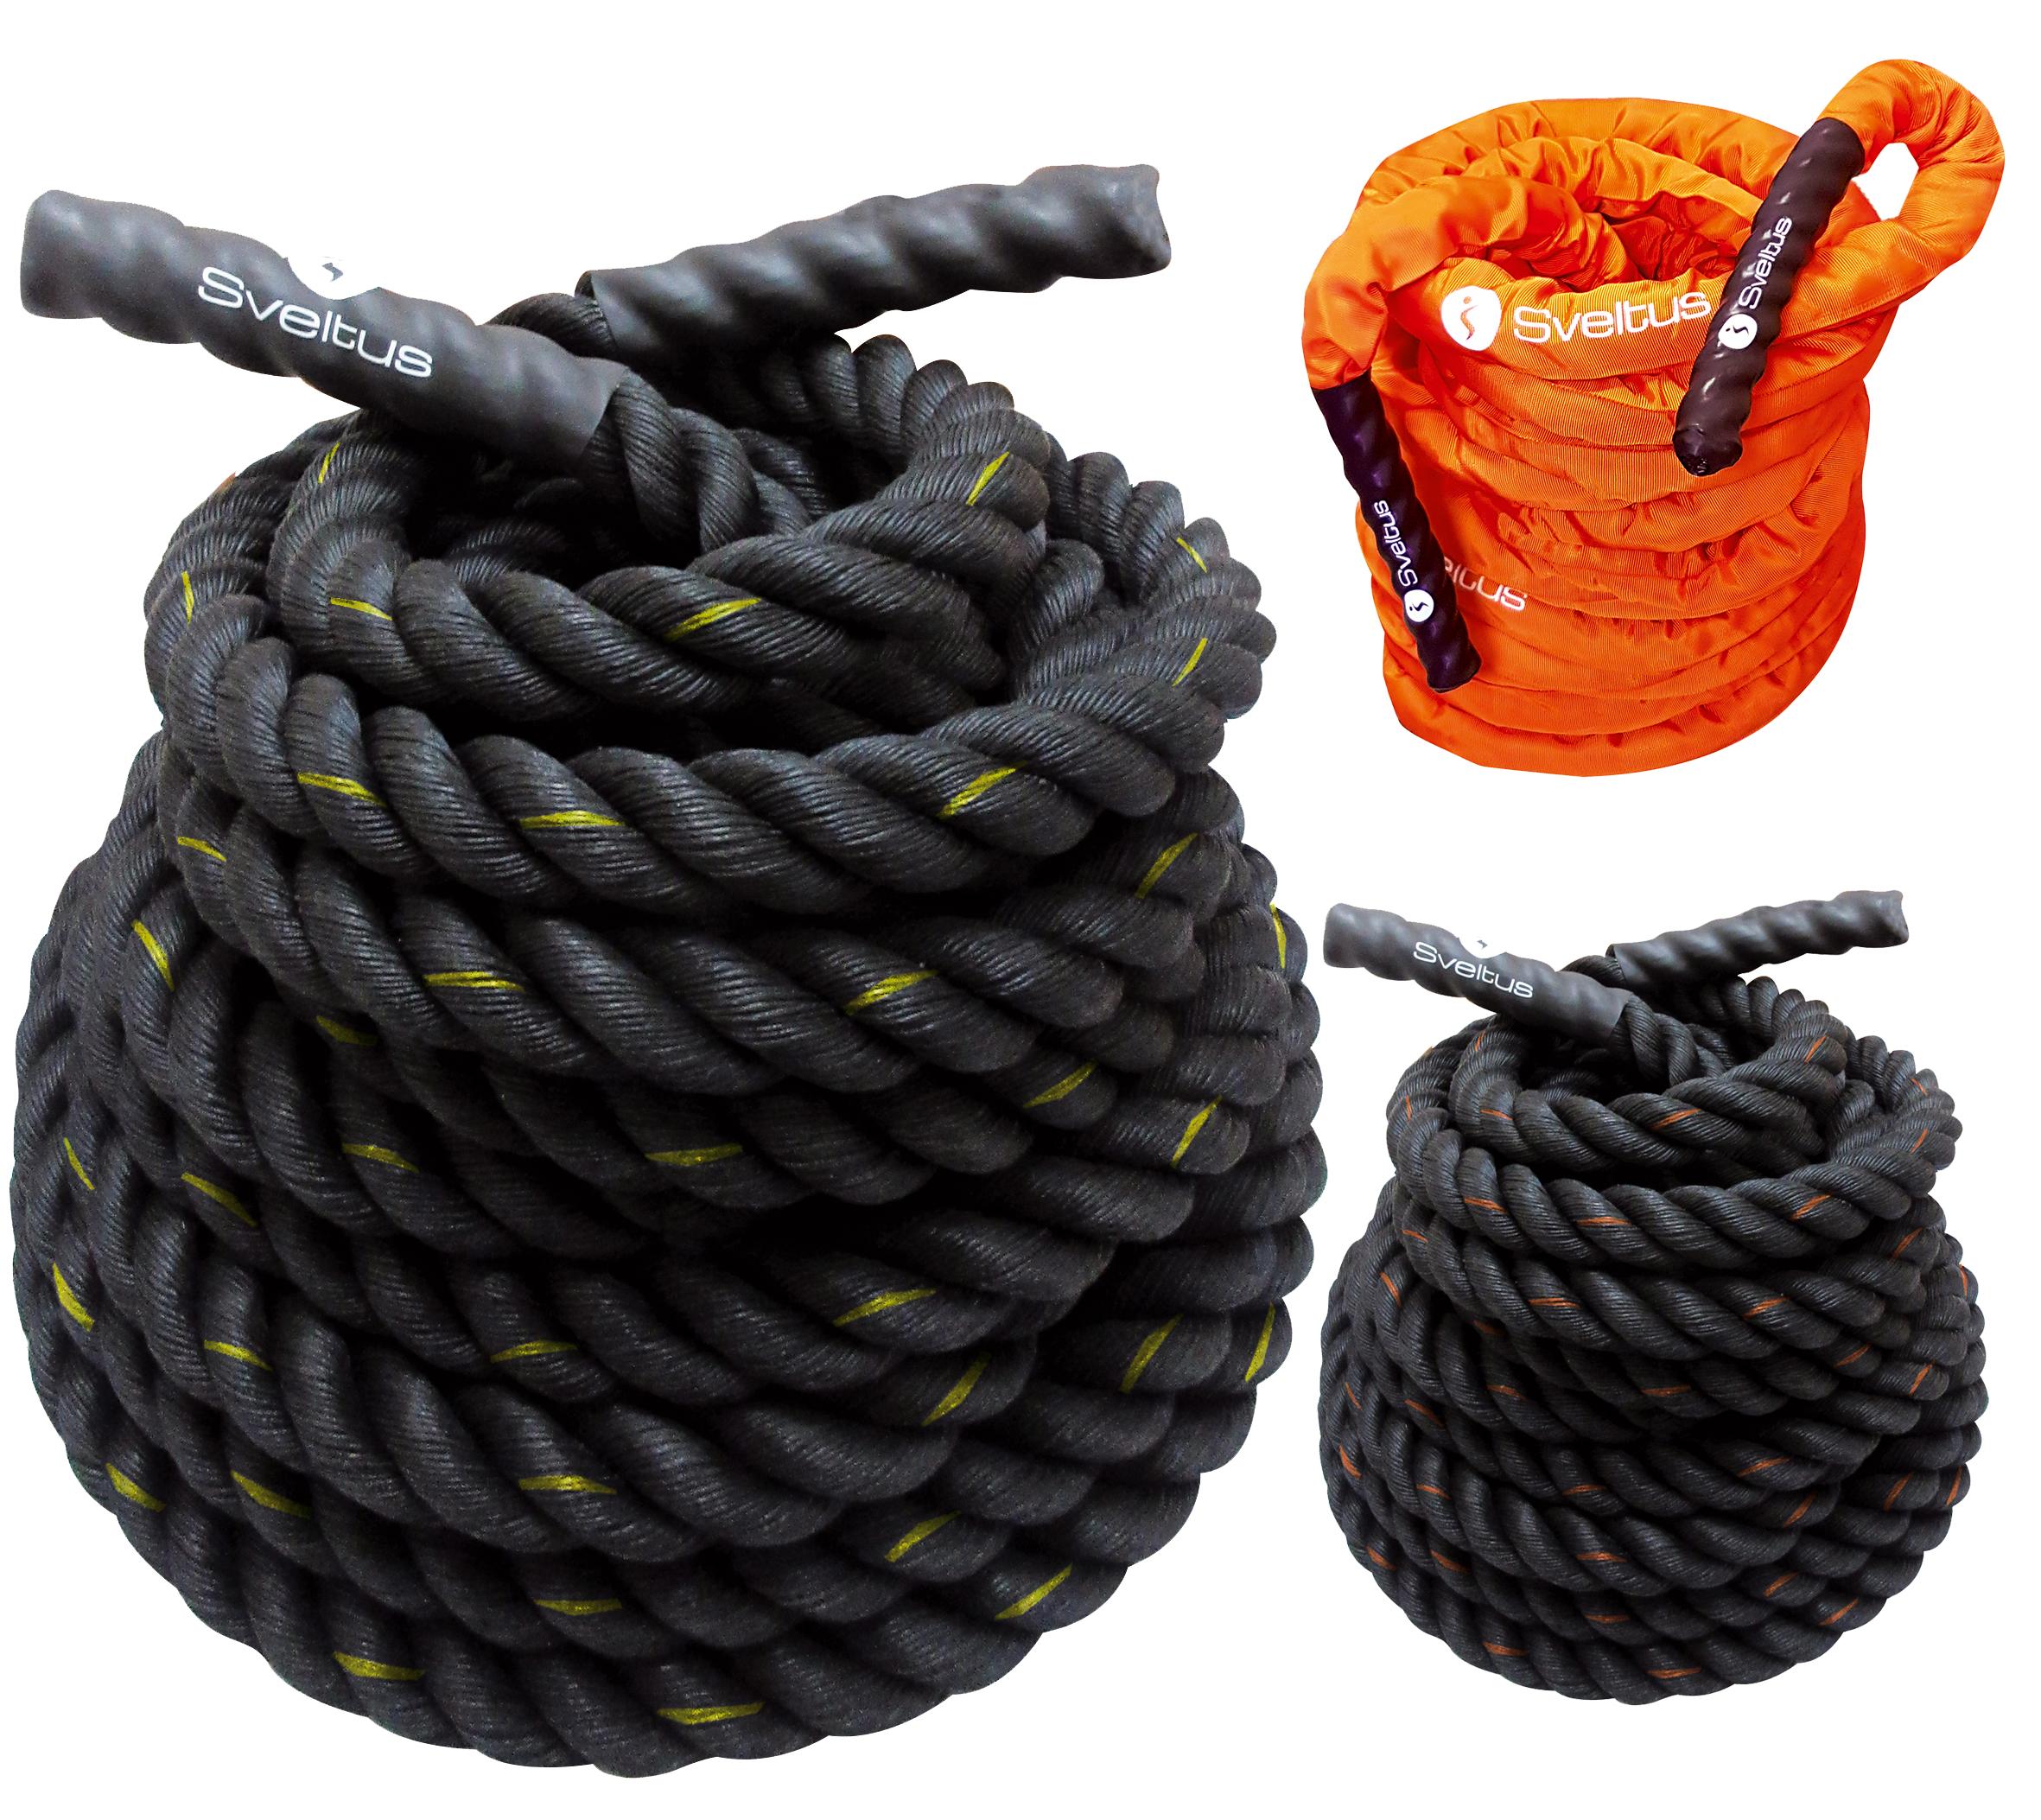 Battle ropes Sveltus